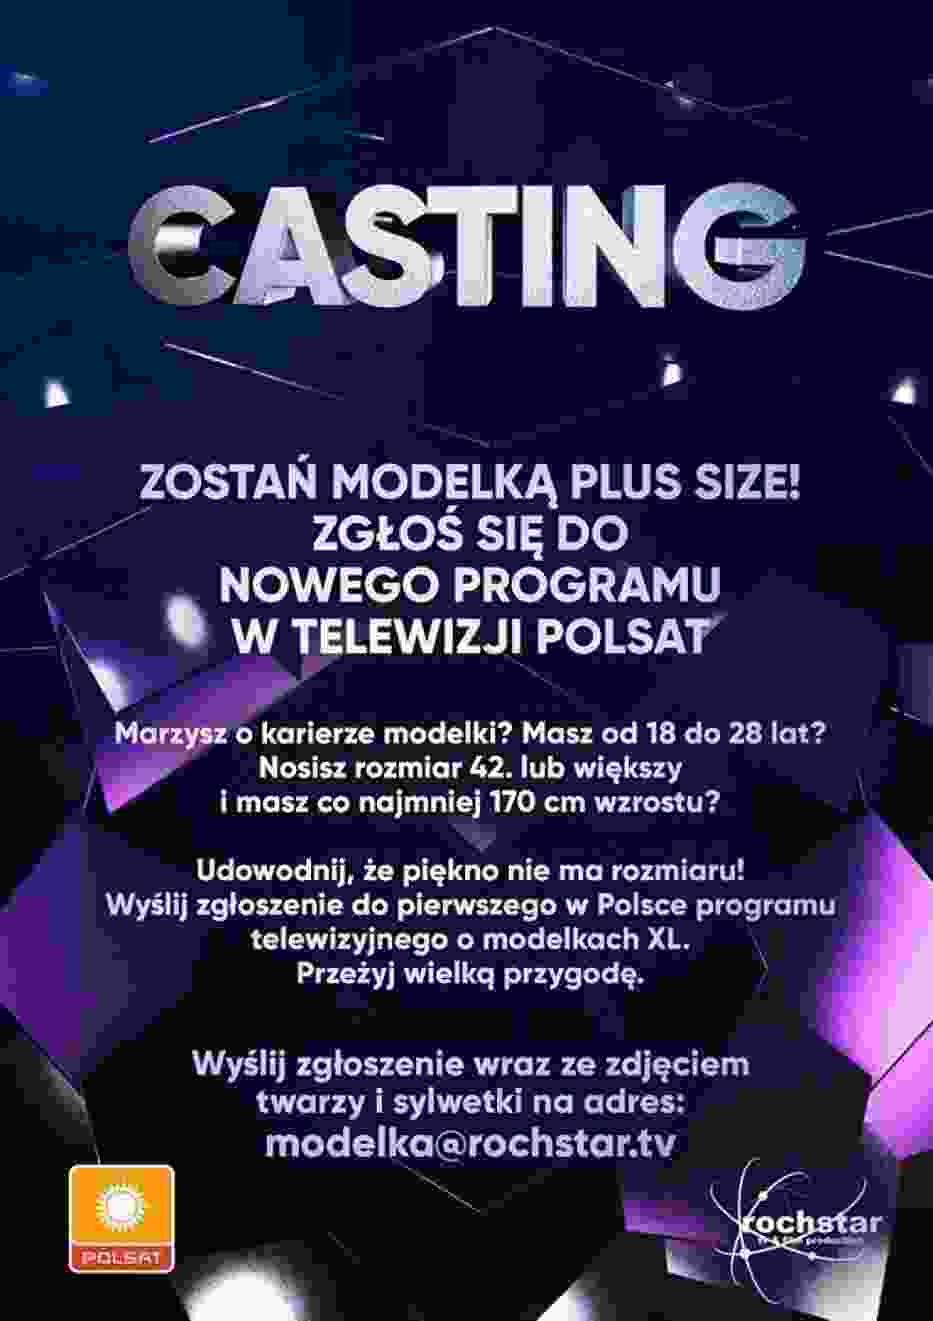 Curvy Supermodel Polska. Polsat przygotowuje kontrowersyjny program o modelkach XL